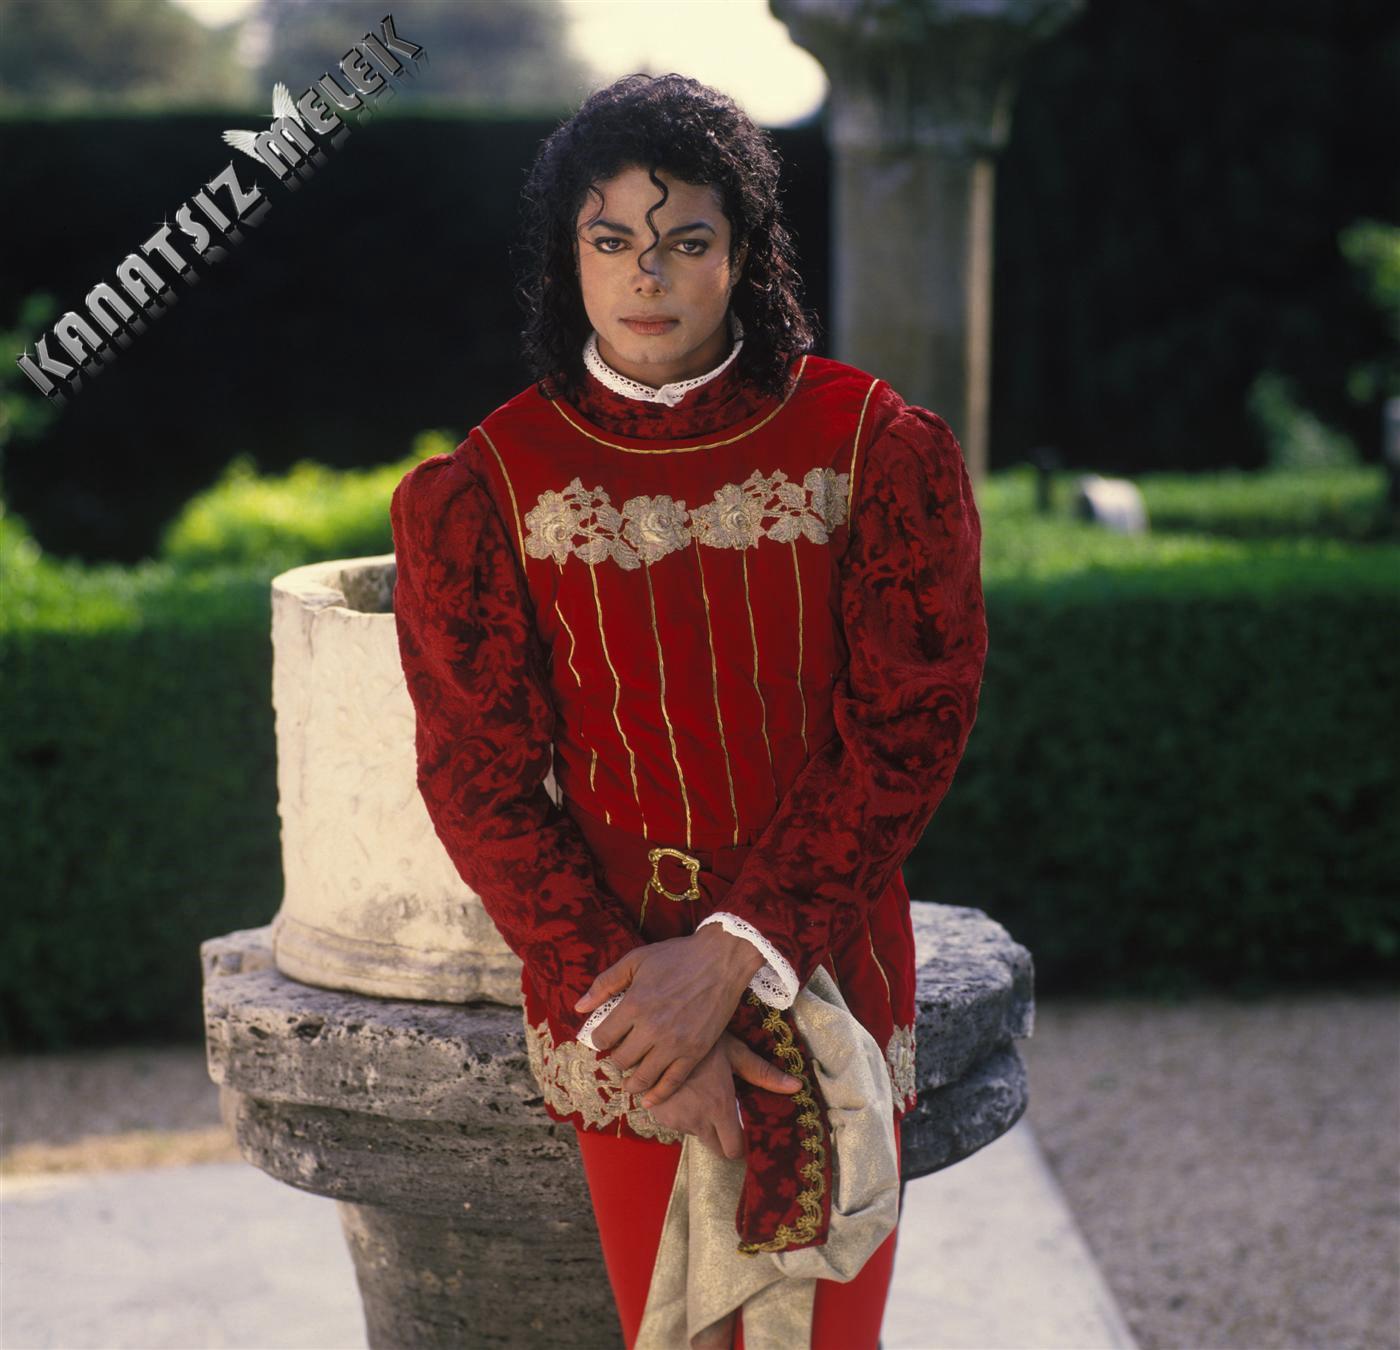 MICHAEL JACKSON BETTER OF THE BEST*~: ~*MI SOLDADO ROMANO, MI POETA ...